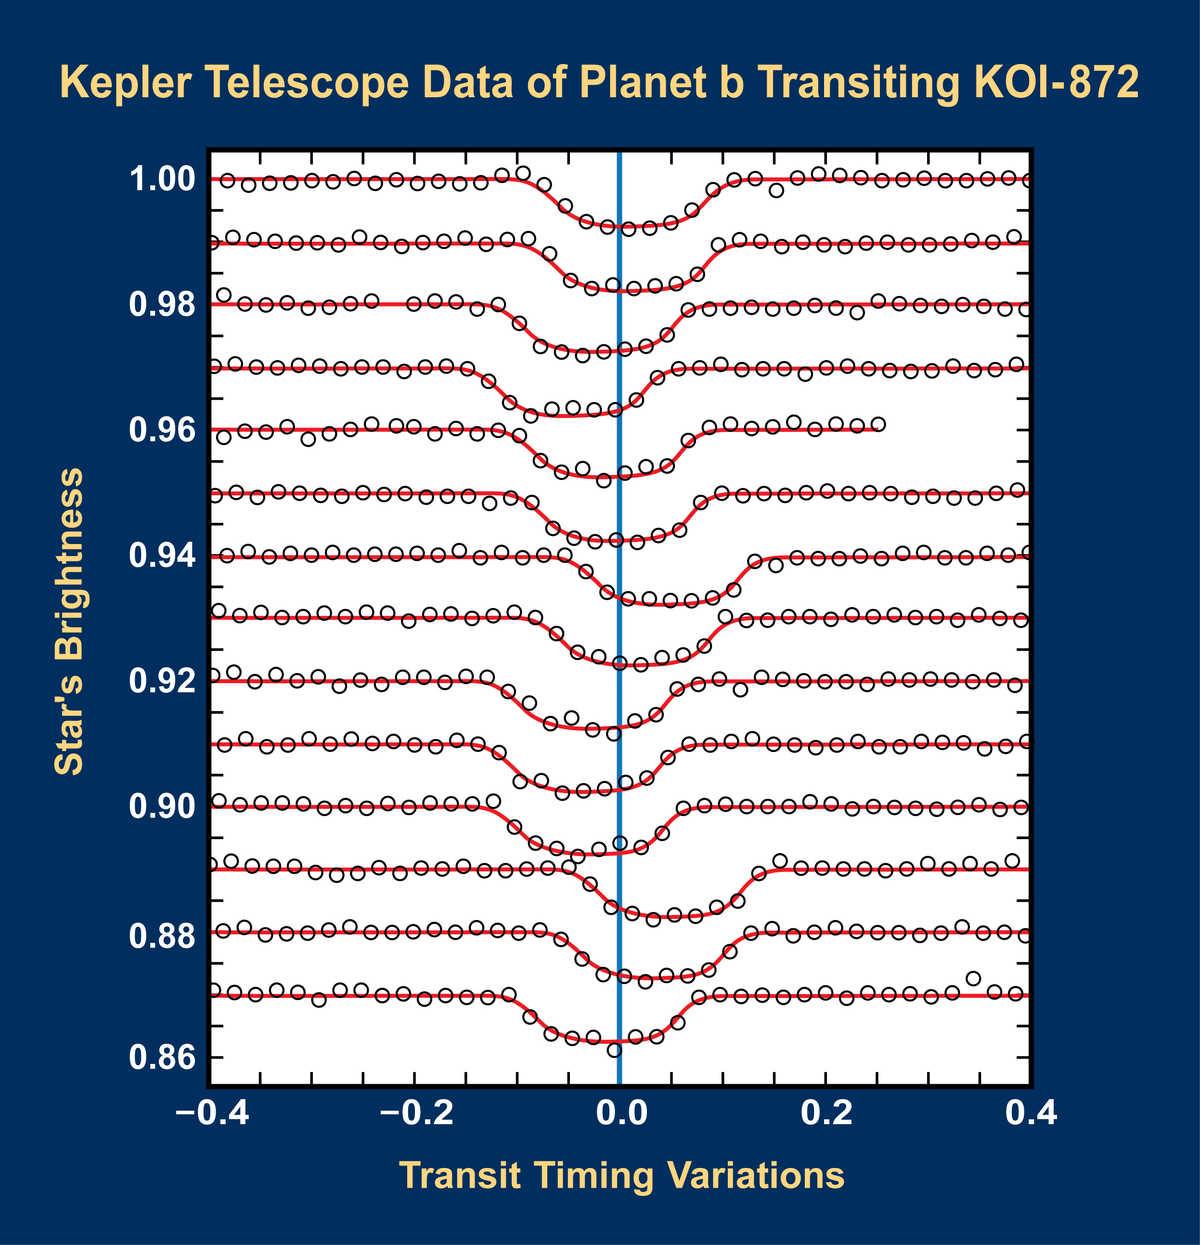 Scientists analyzed Kepler Telescope data and identified KOI-872